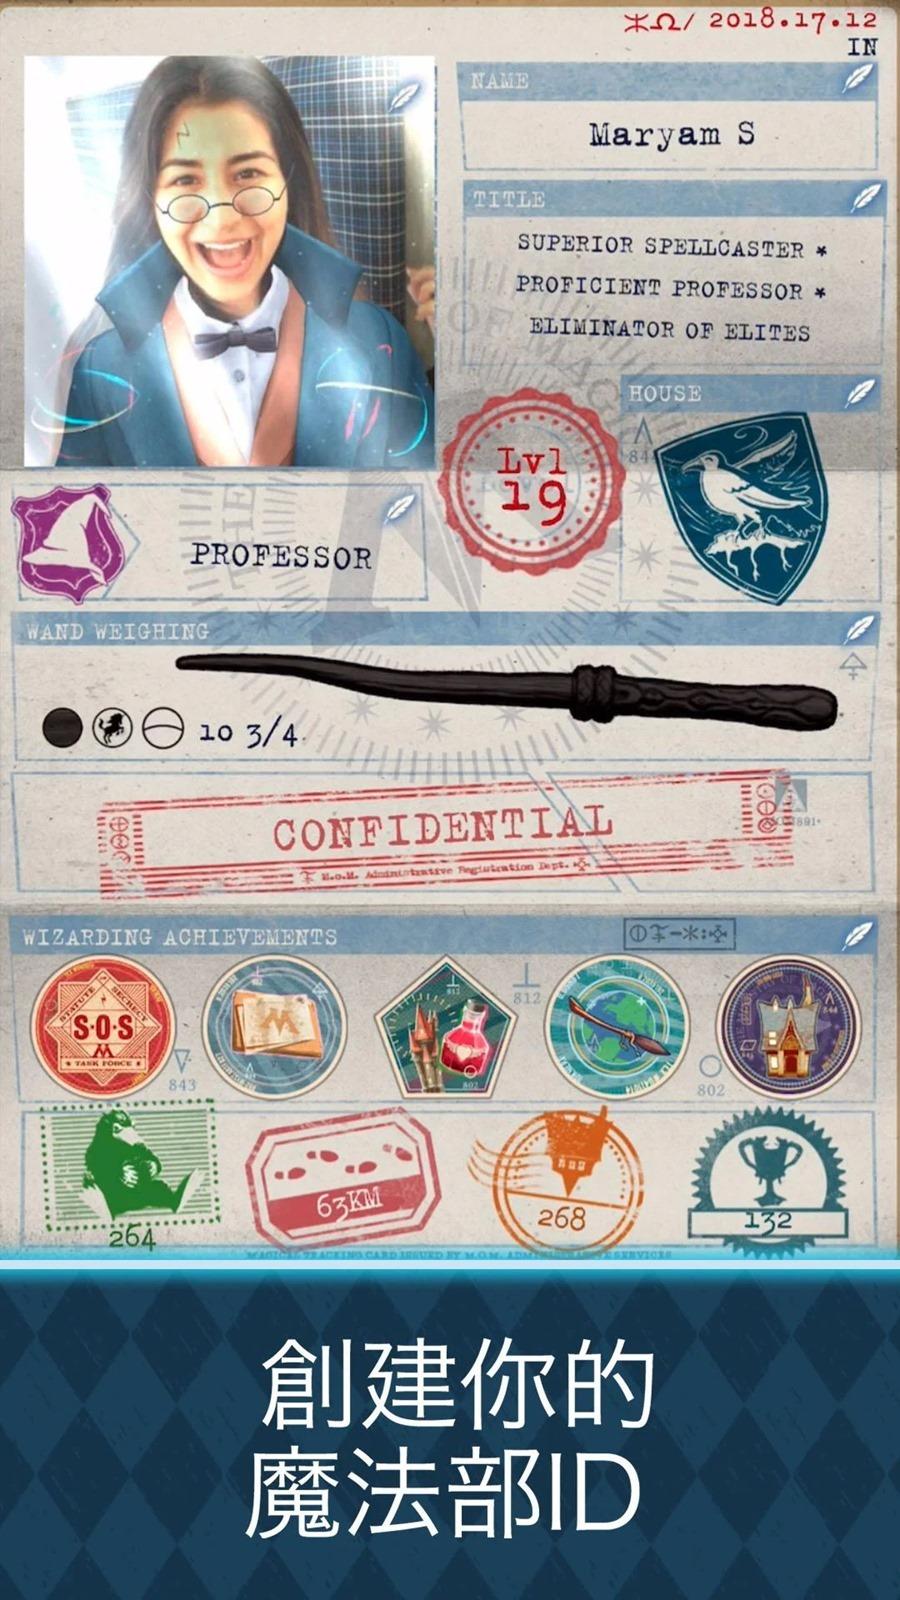 這次哈利波特來了!哈利波特:『巫師聯盟』已經開放台灣下載 @3C 達人廖阿輝